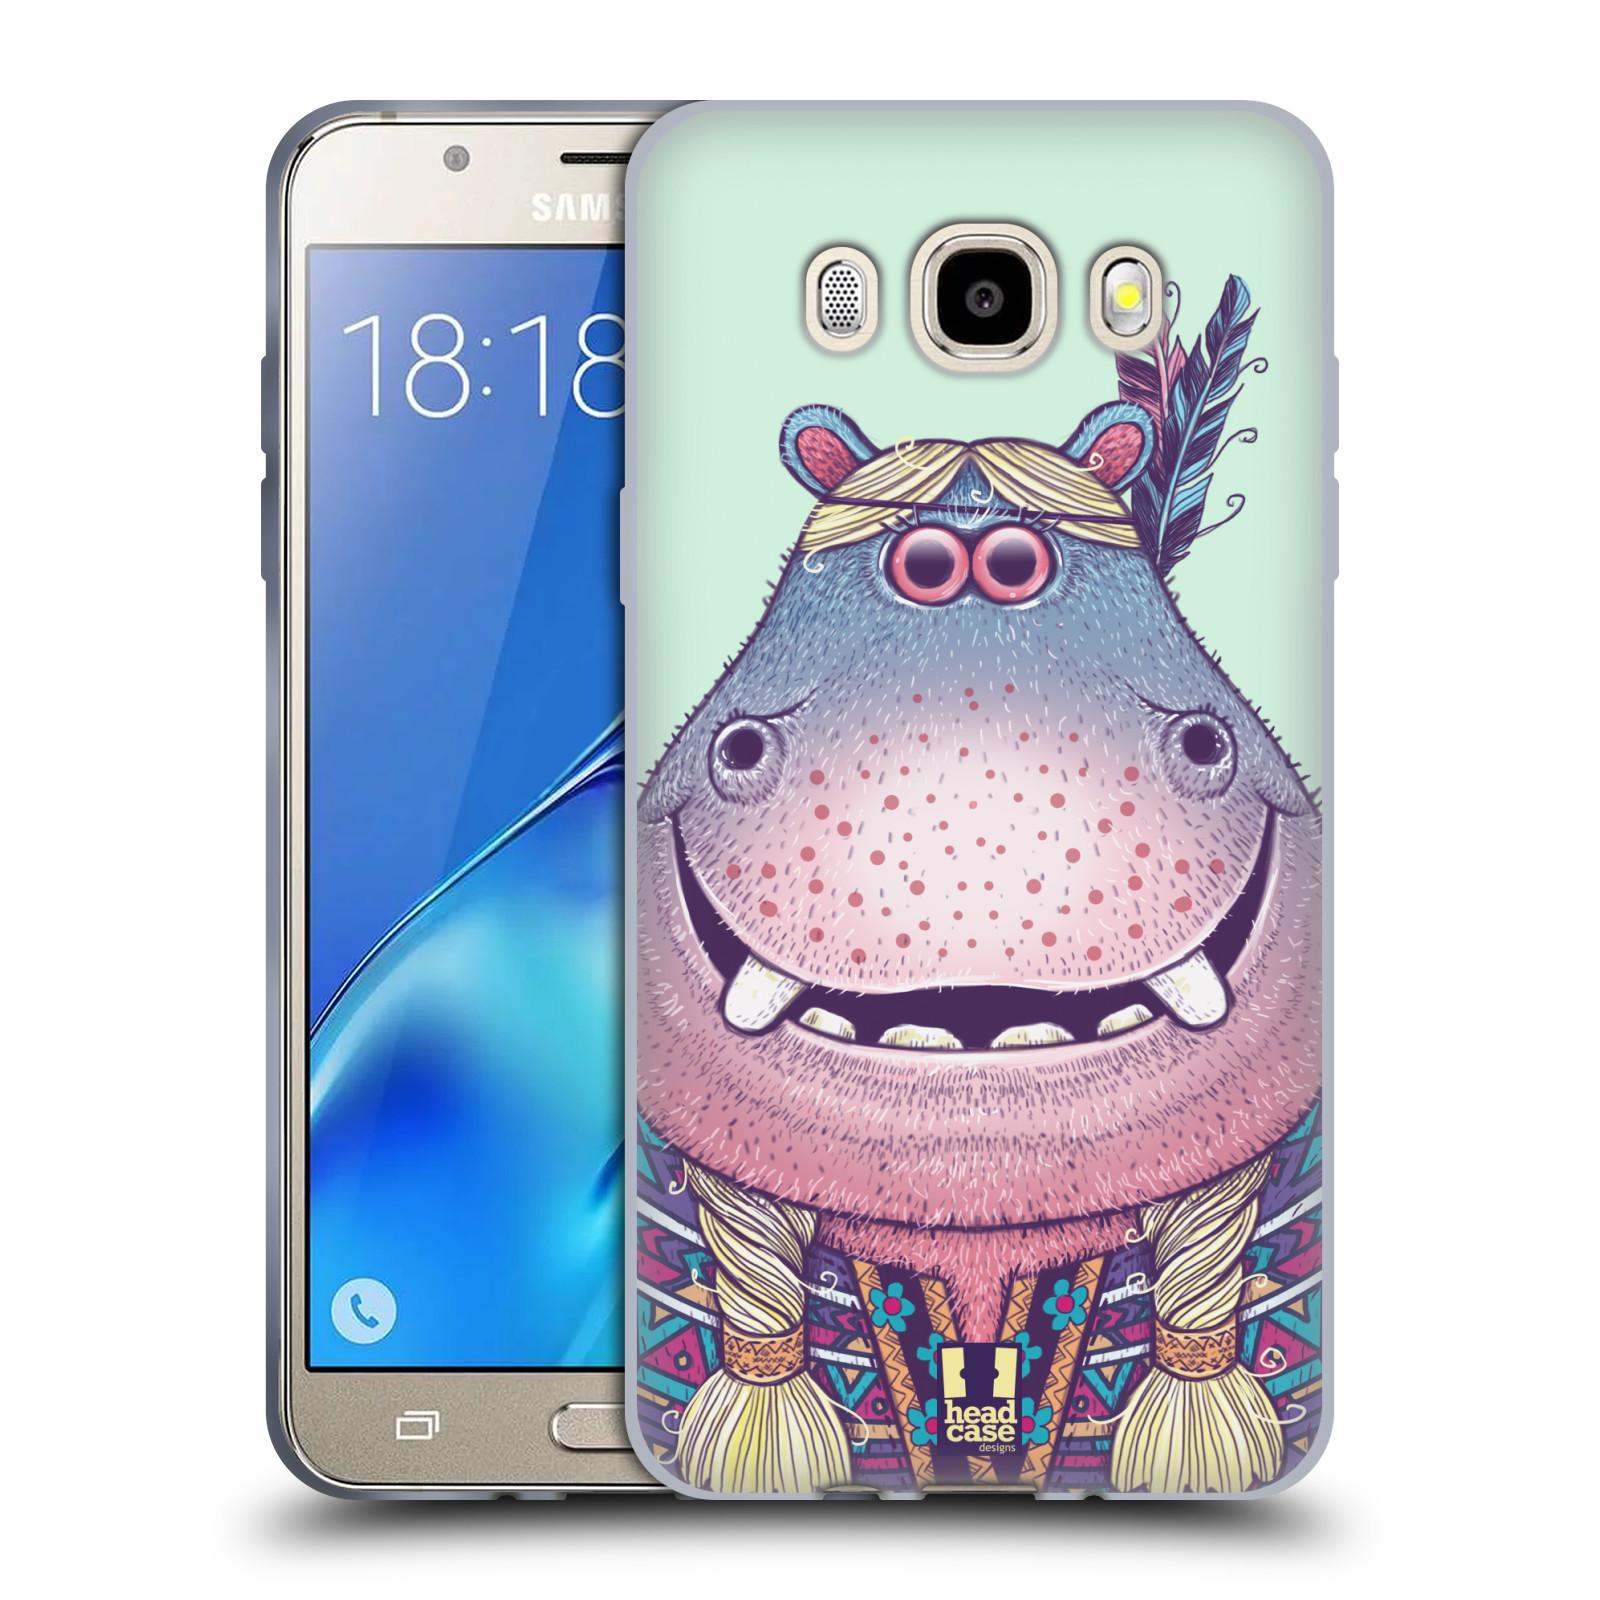 HEAD CASE silikonový obal, kryt na mobil Samsung Galaxy J5 2016, J510, J510F, (J510F DUAL SIM) vzor Kreslená zvířátka hroch